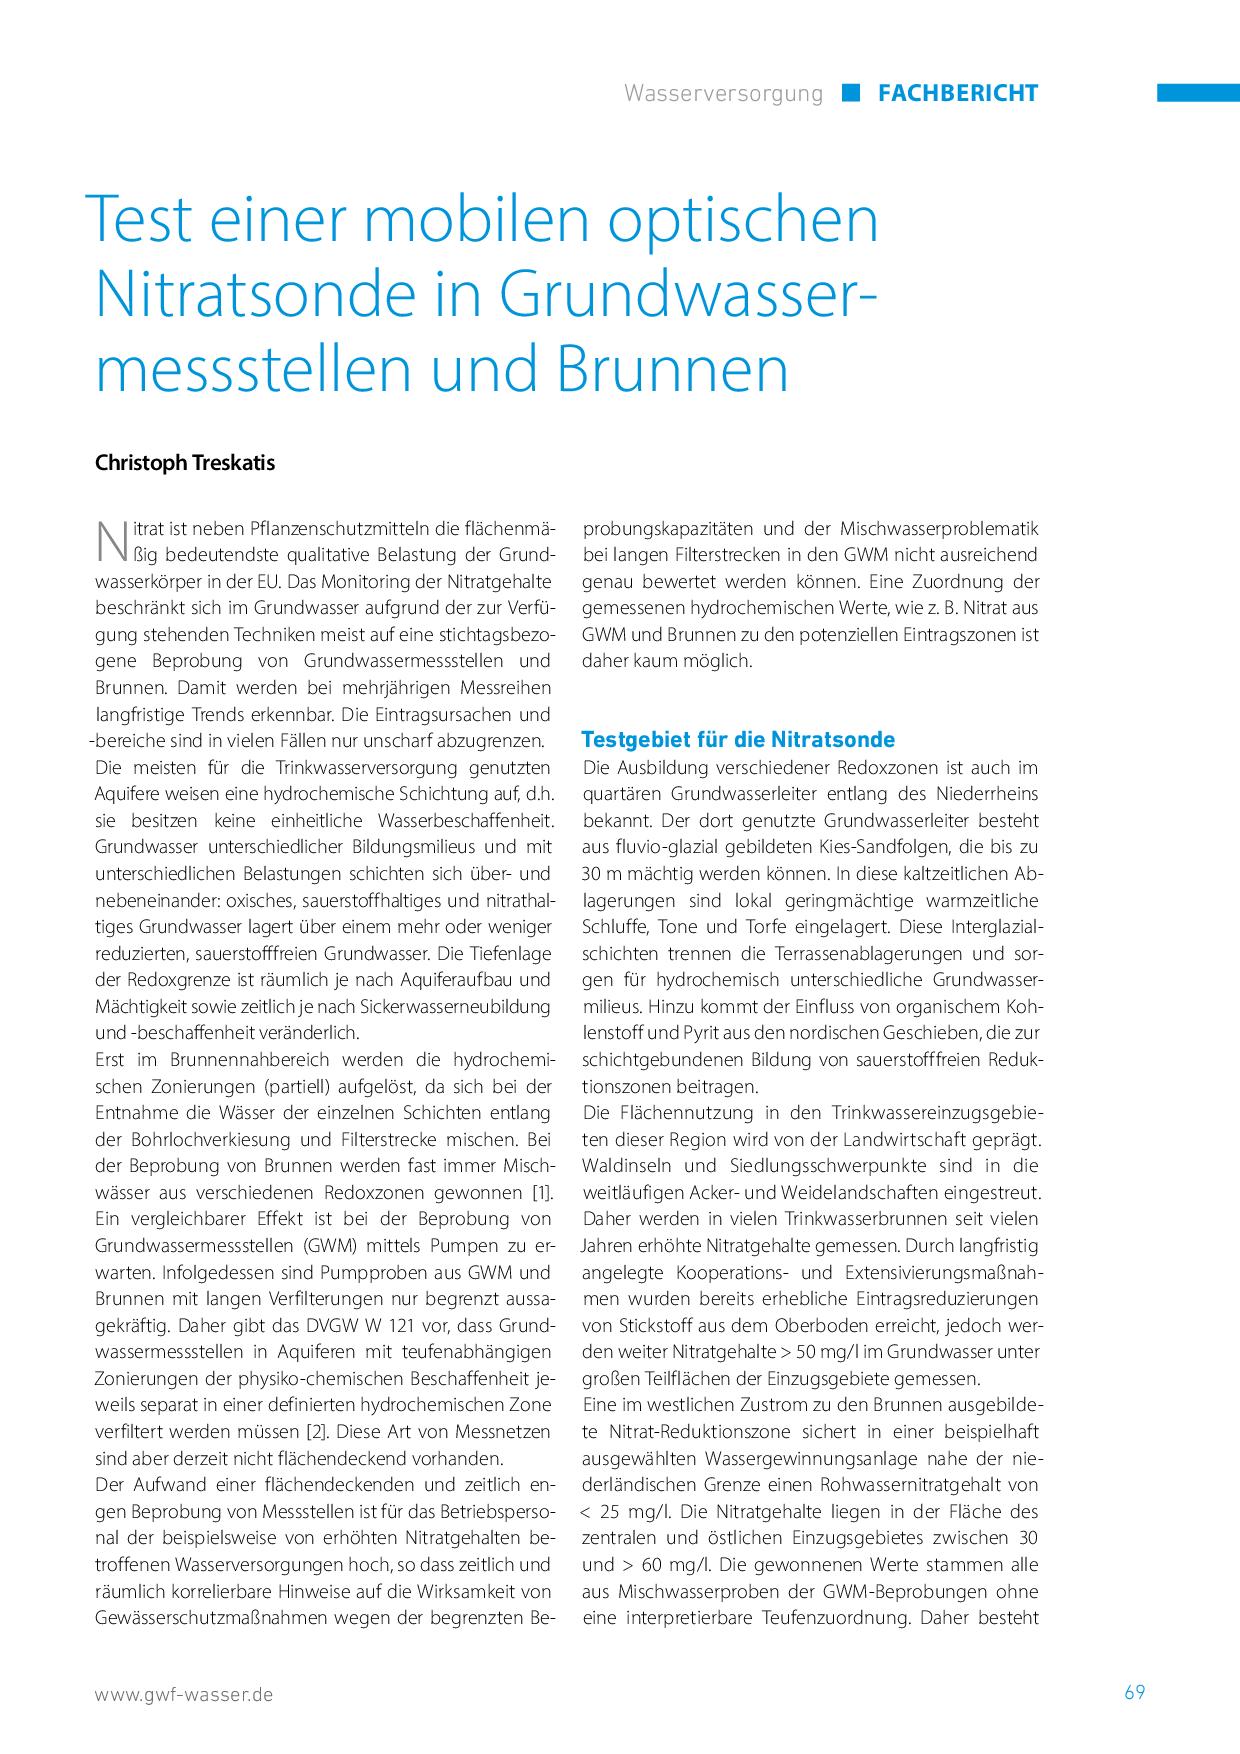 Test einer mobilen optischen Nitratsonde in Grundwassermessstellen und Brunnen